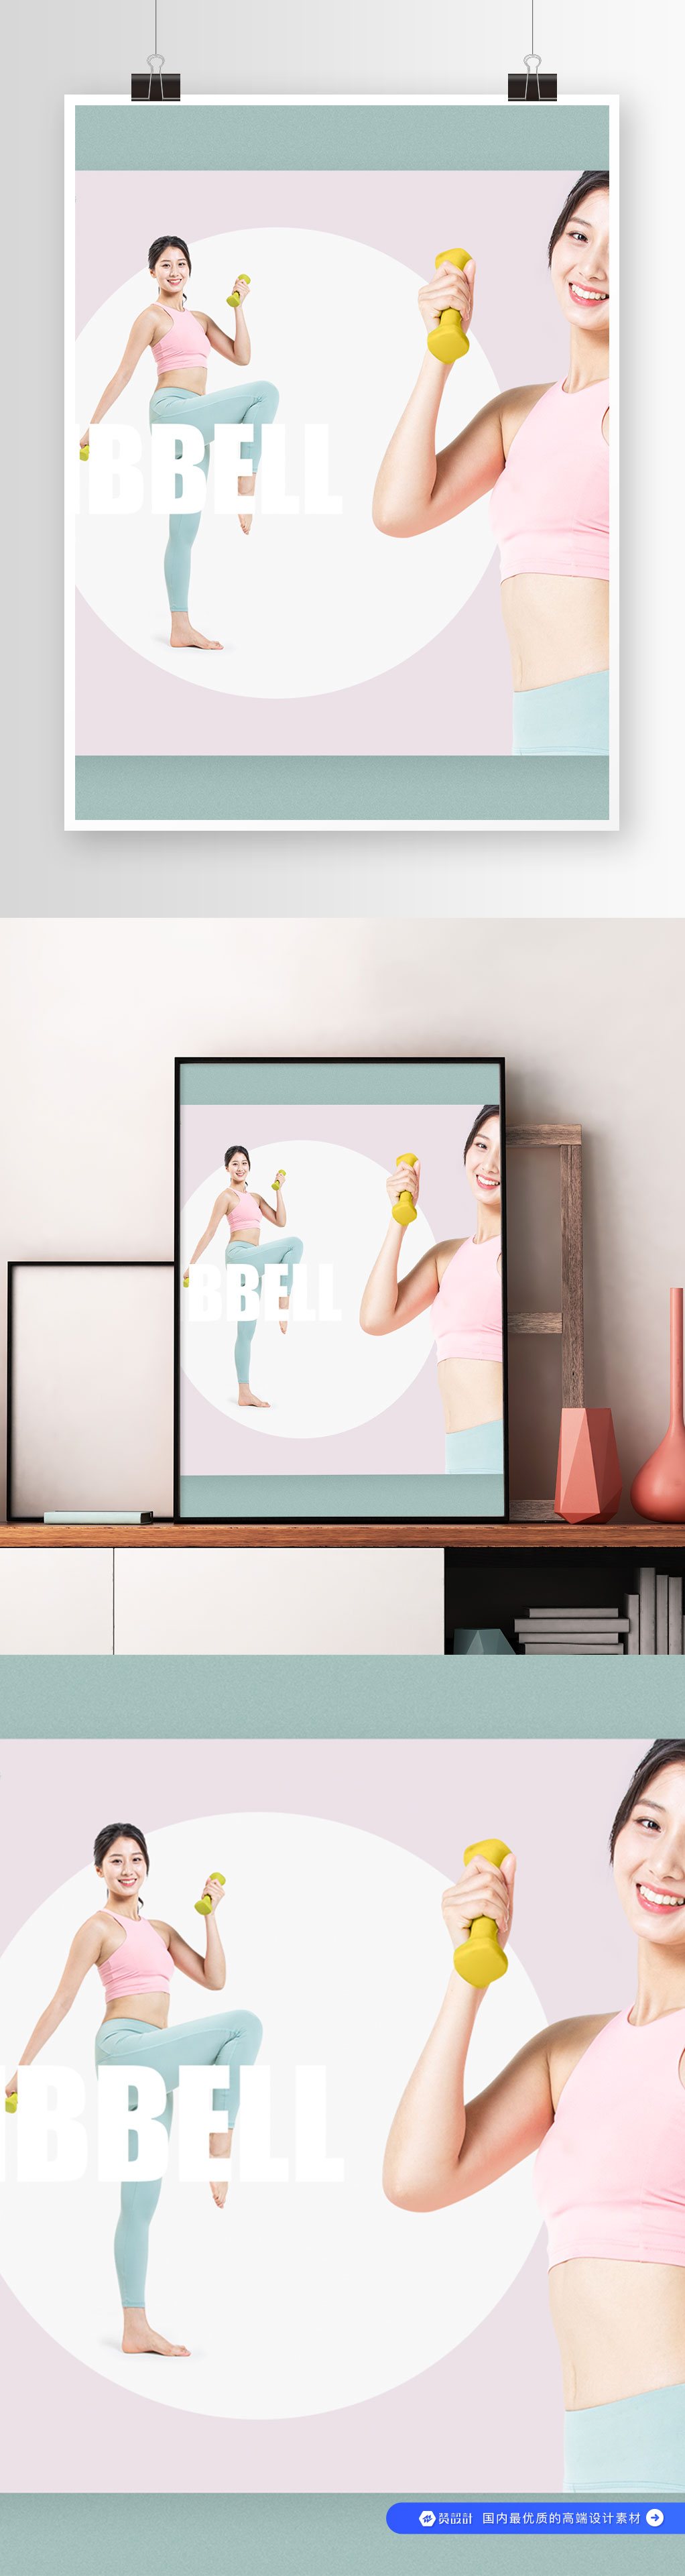 养生运动瑜伽美女健身海报设计素材(6)